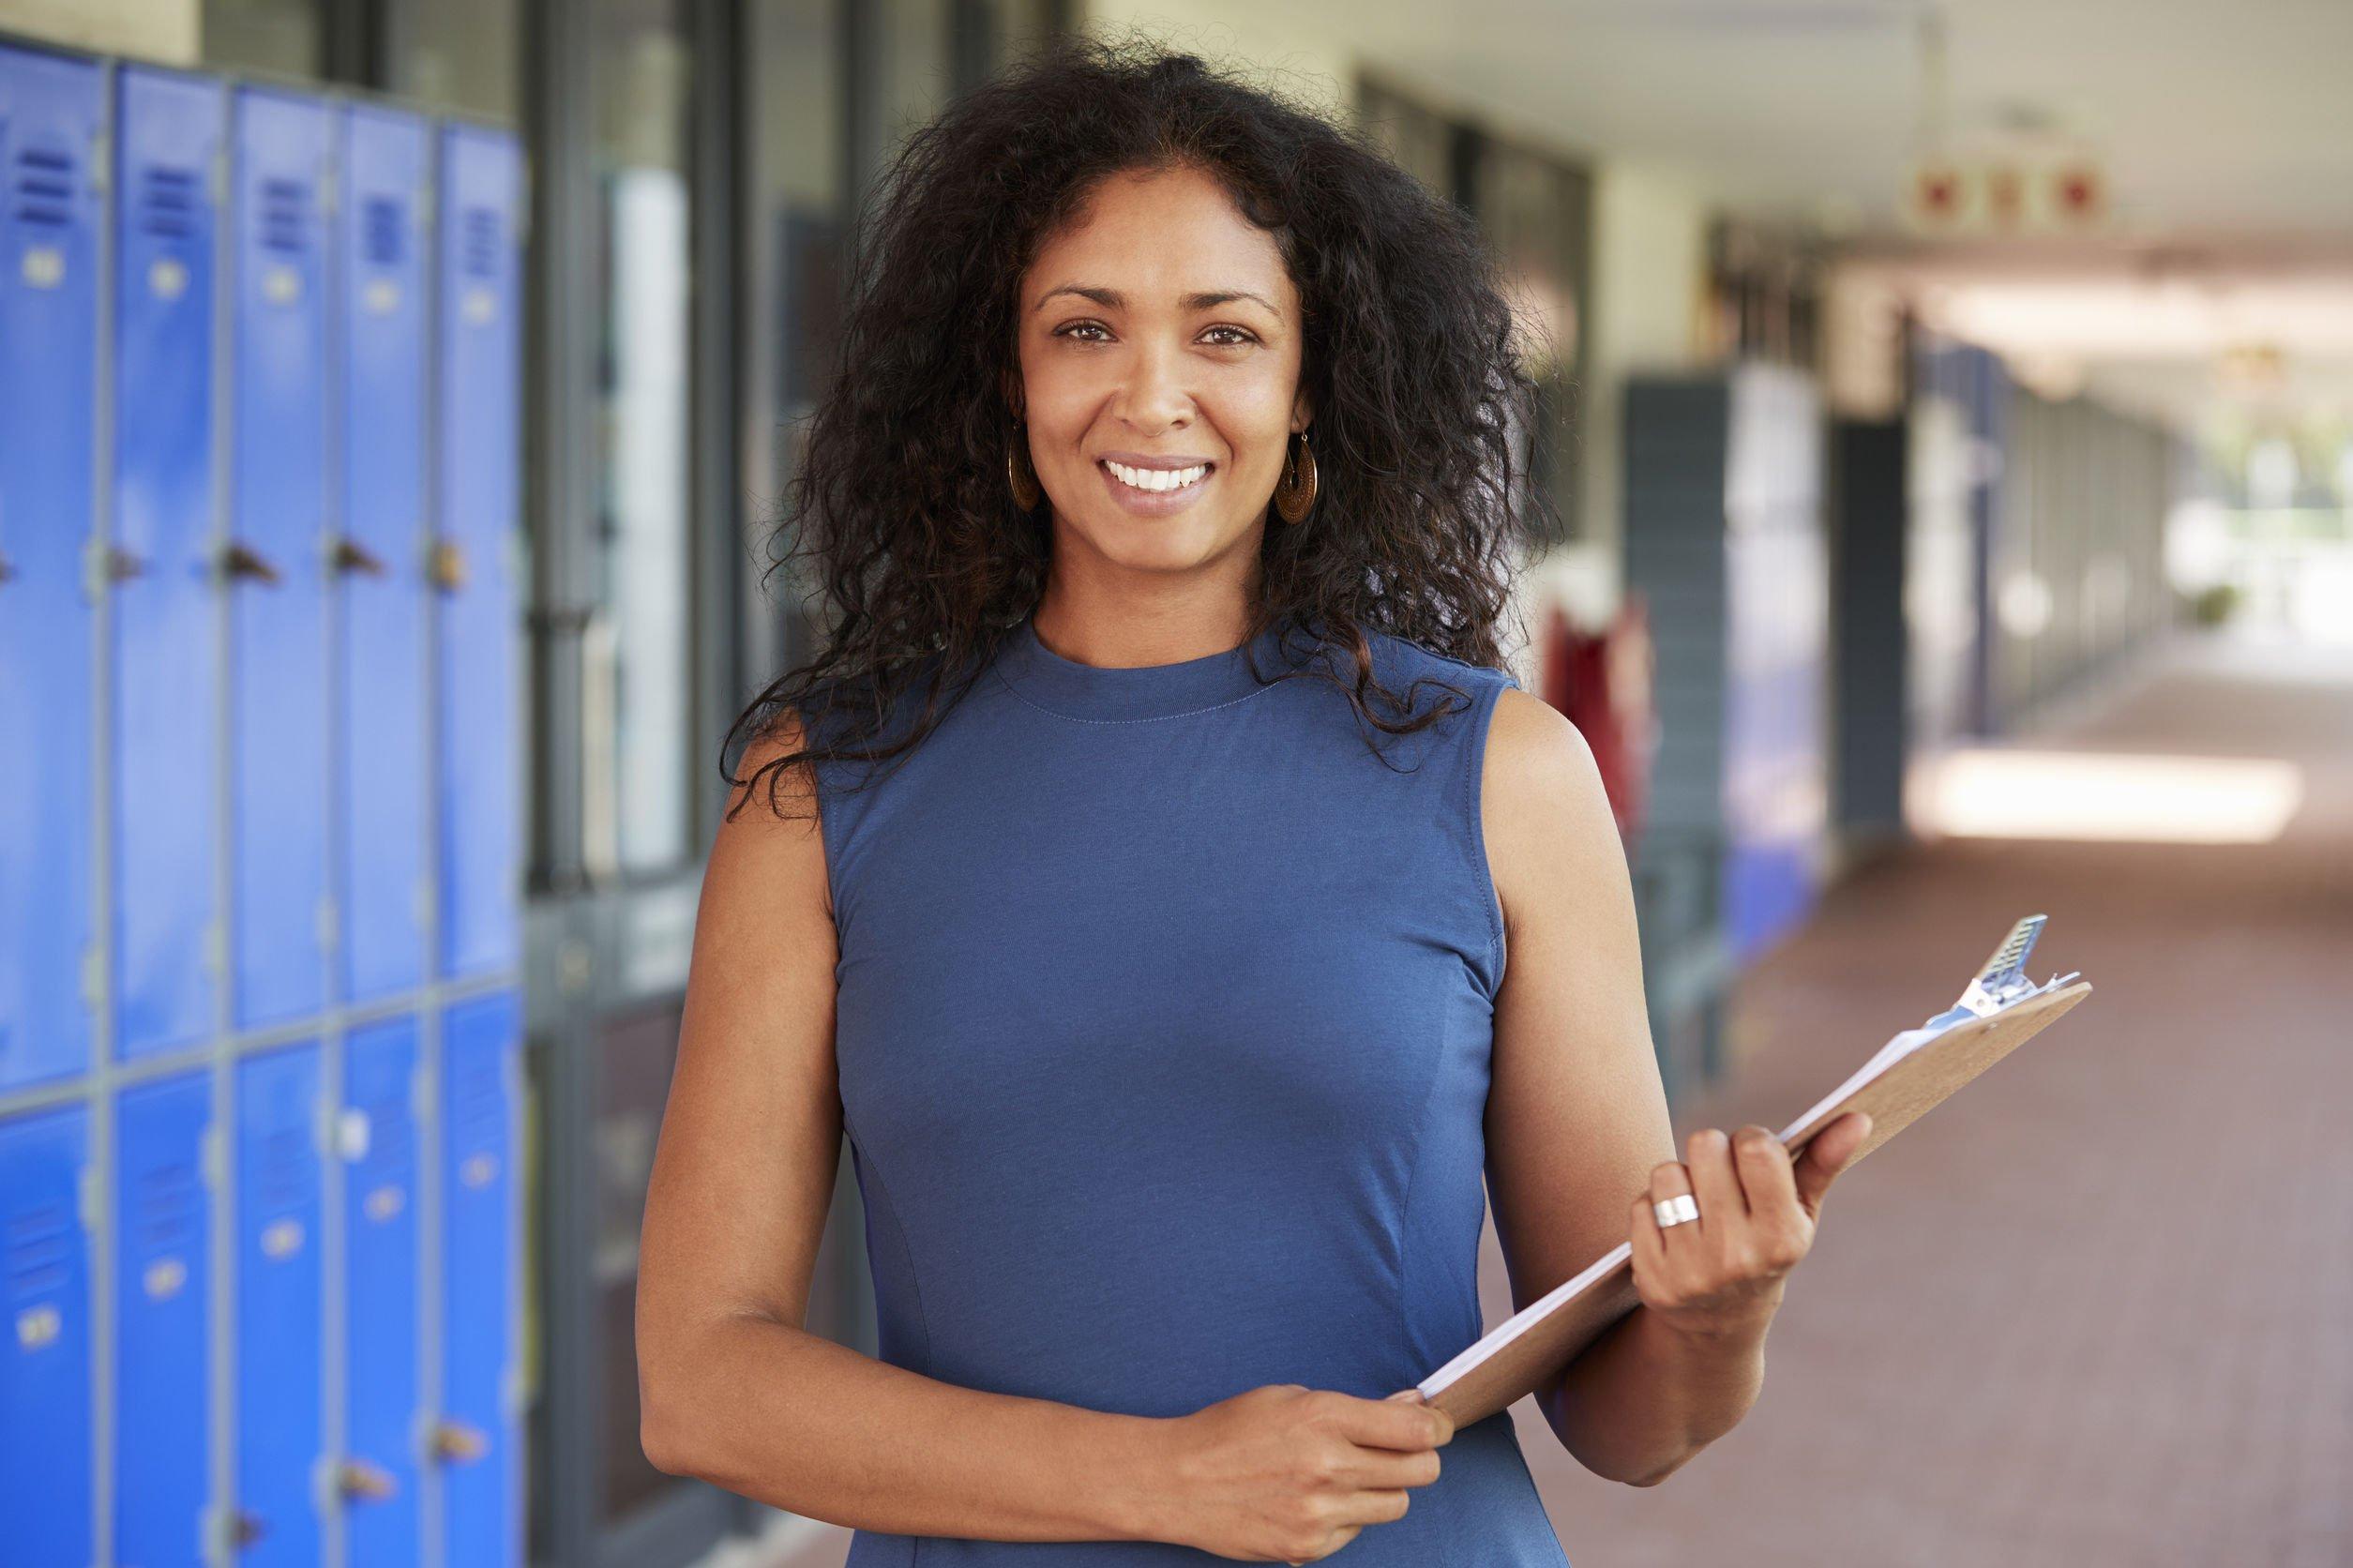 Professora negra segurando prancheta, sorrindo, em corredor de colégio